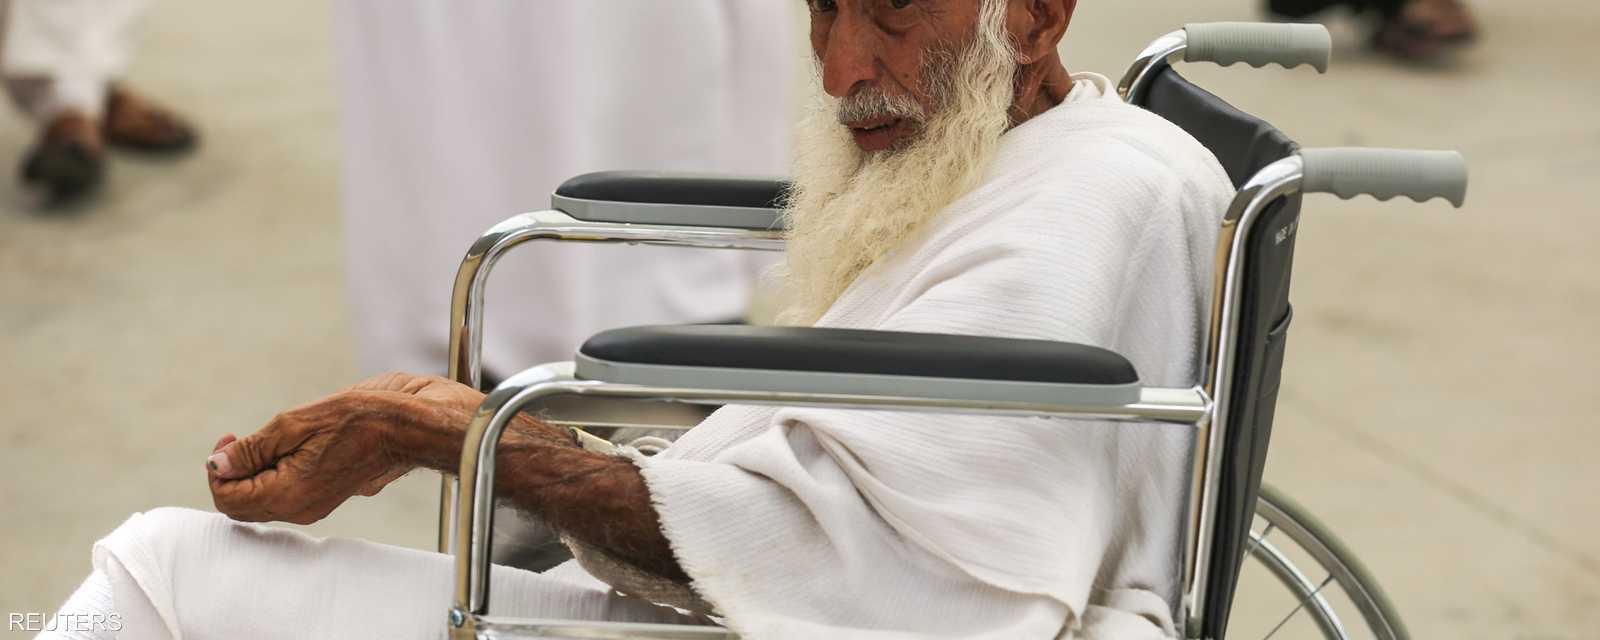 يرمي الحاج أول الجمار يوم العيد وهي الجمرة التي تلي مكة ويقال لها جمرة العقبة